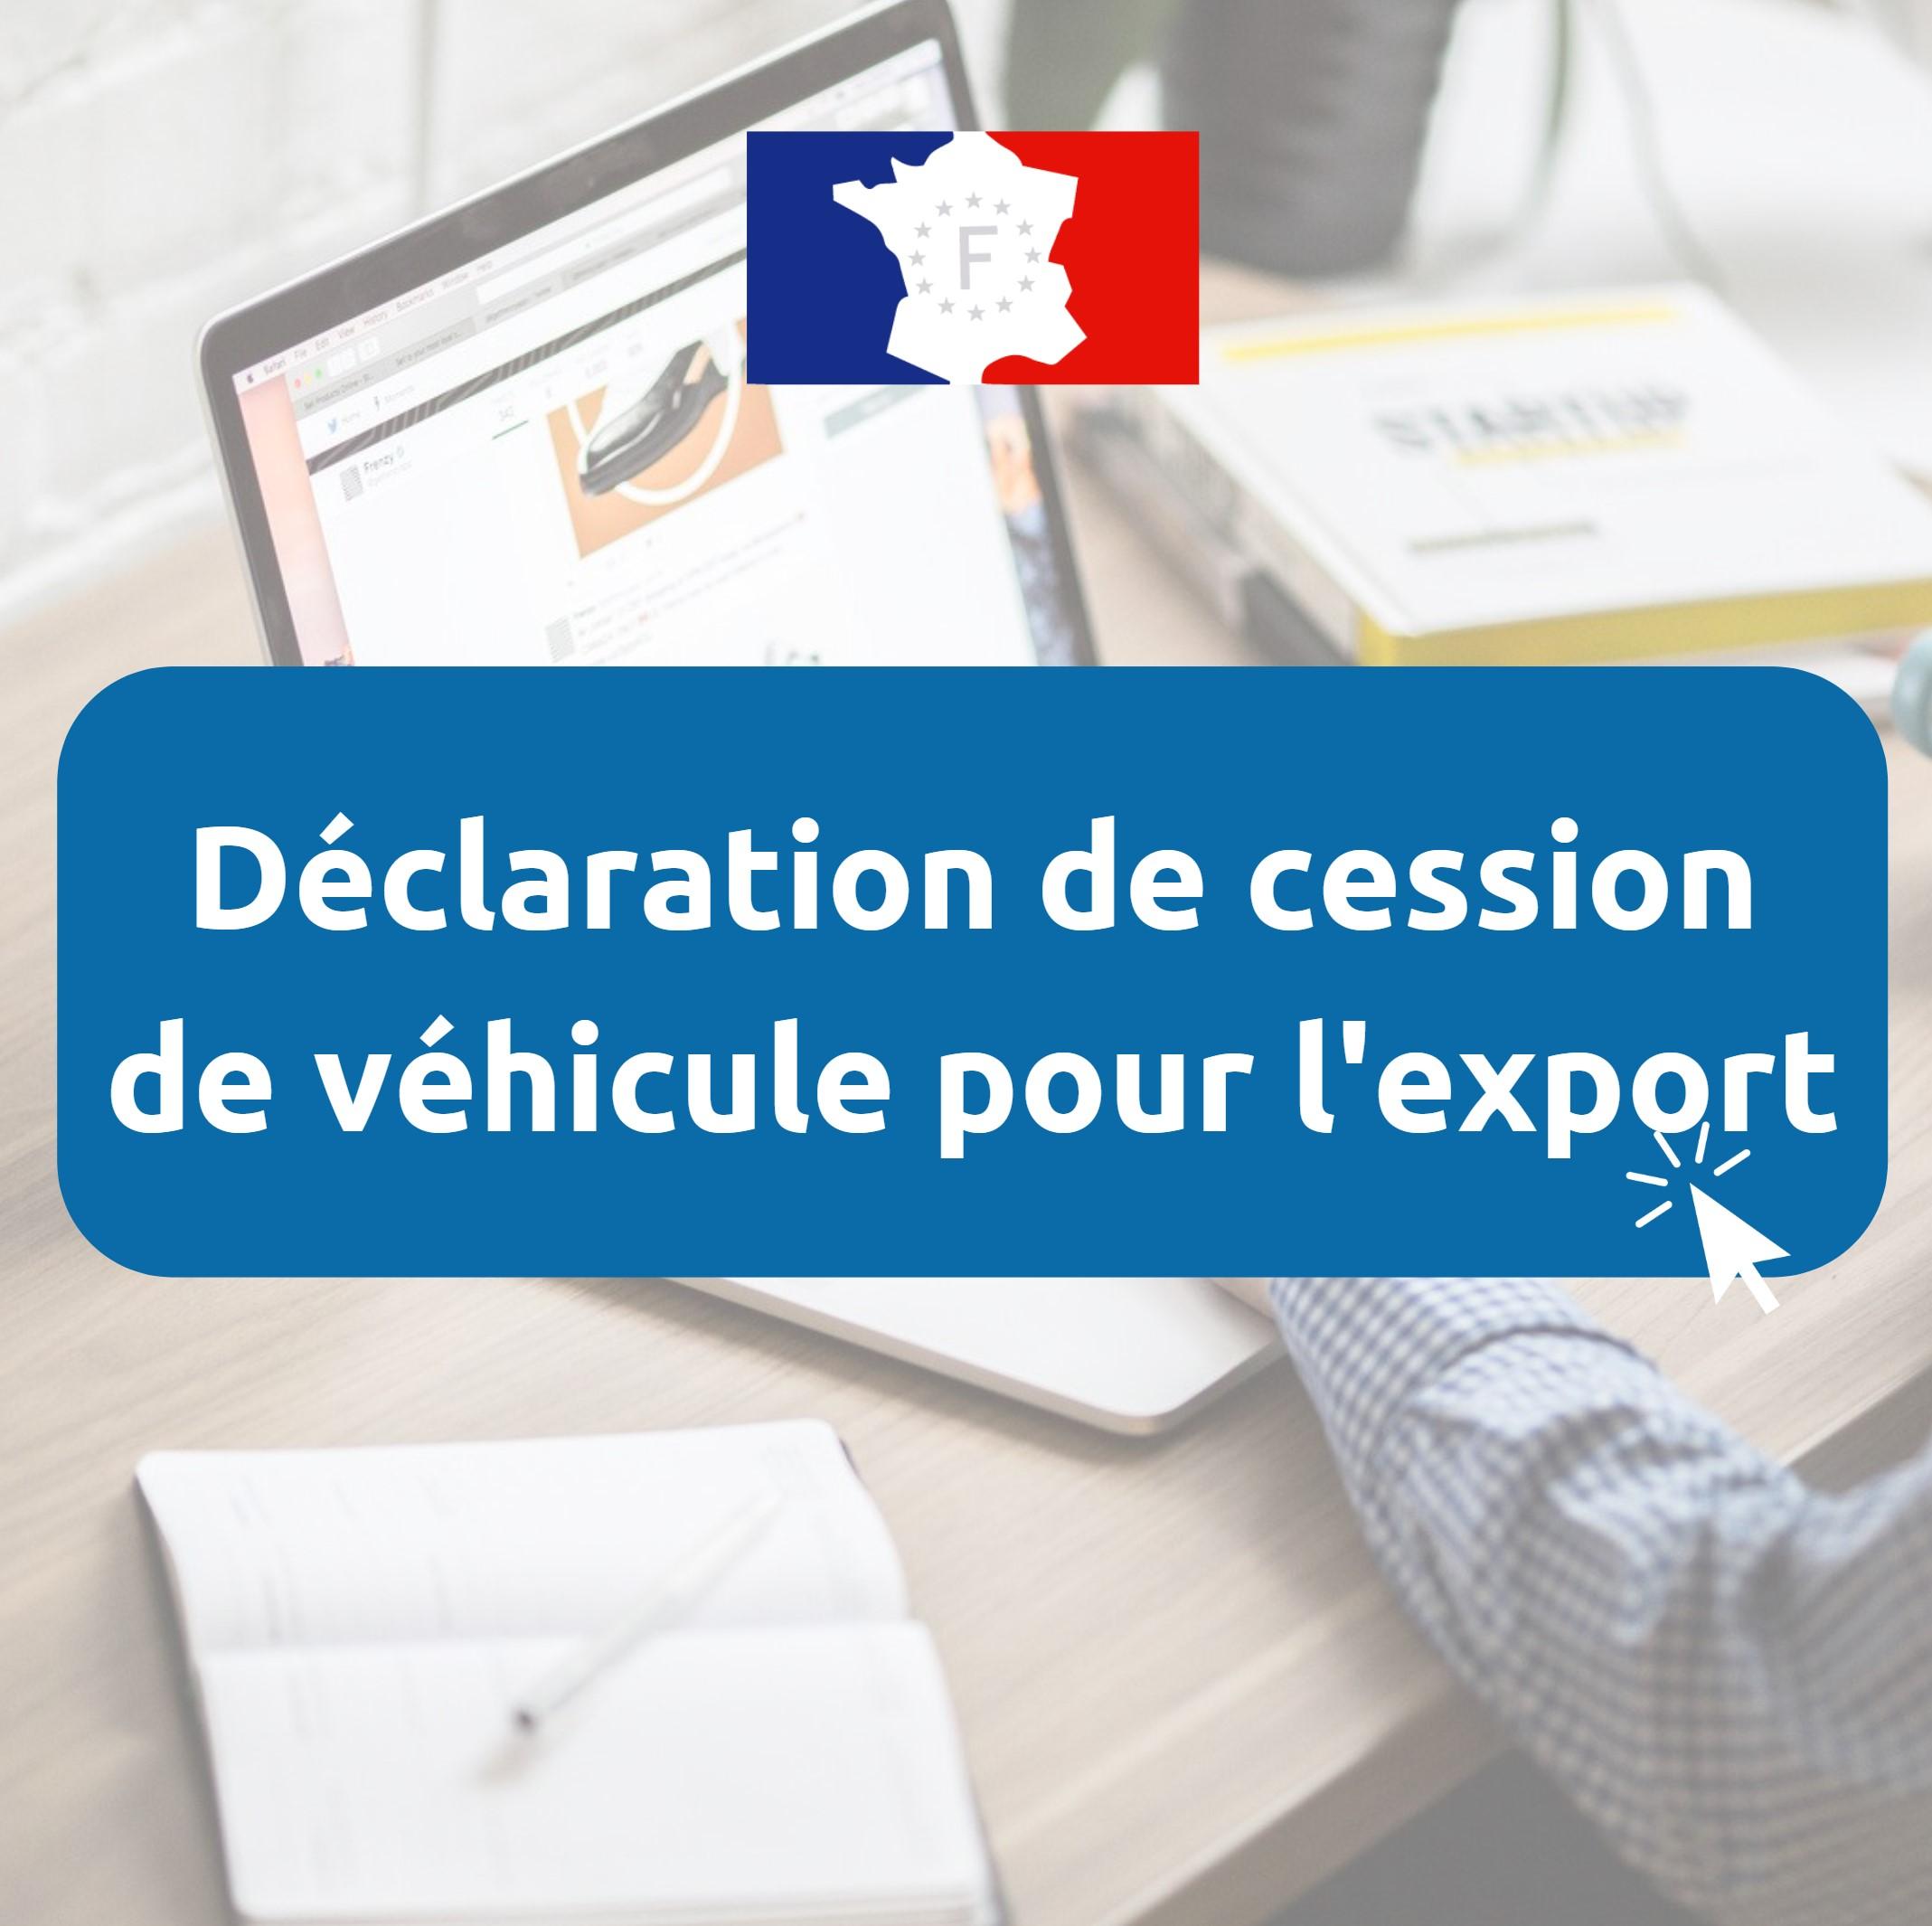 Déclaration de cession export